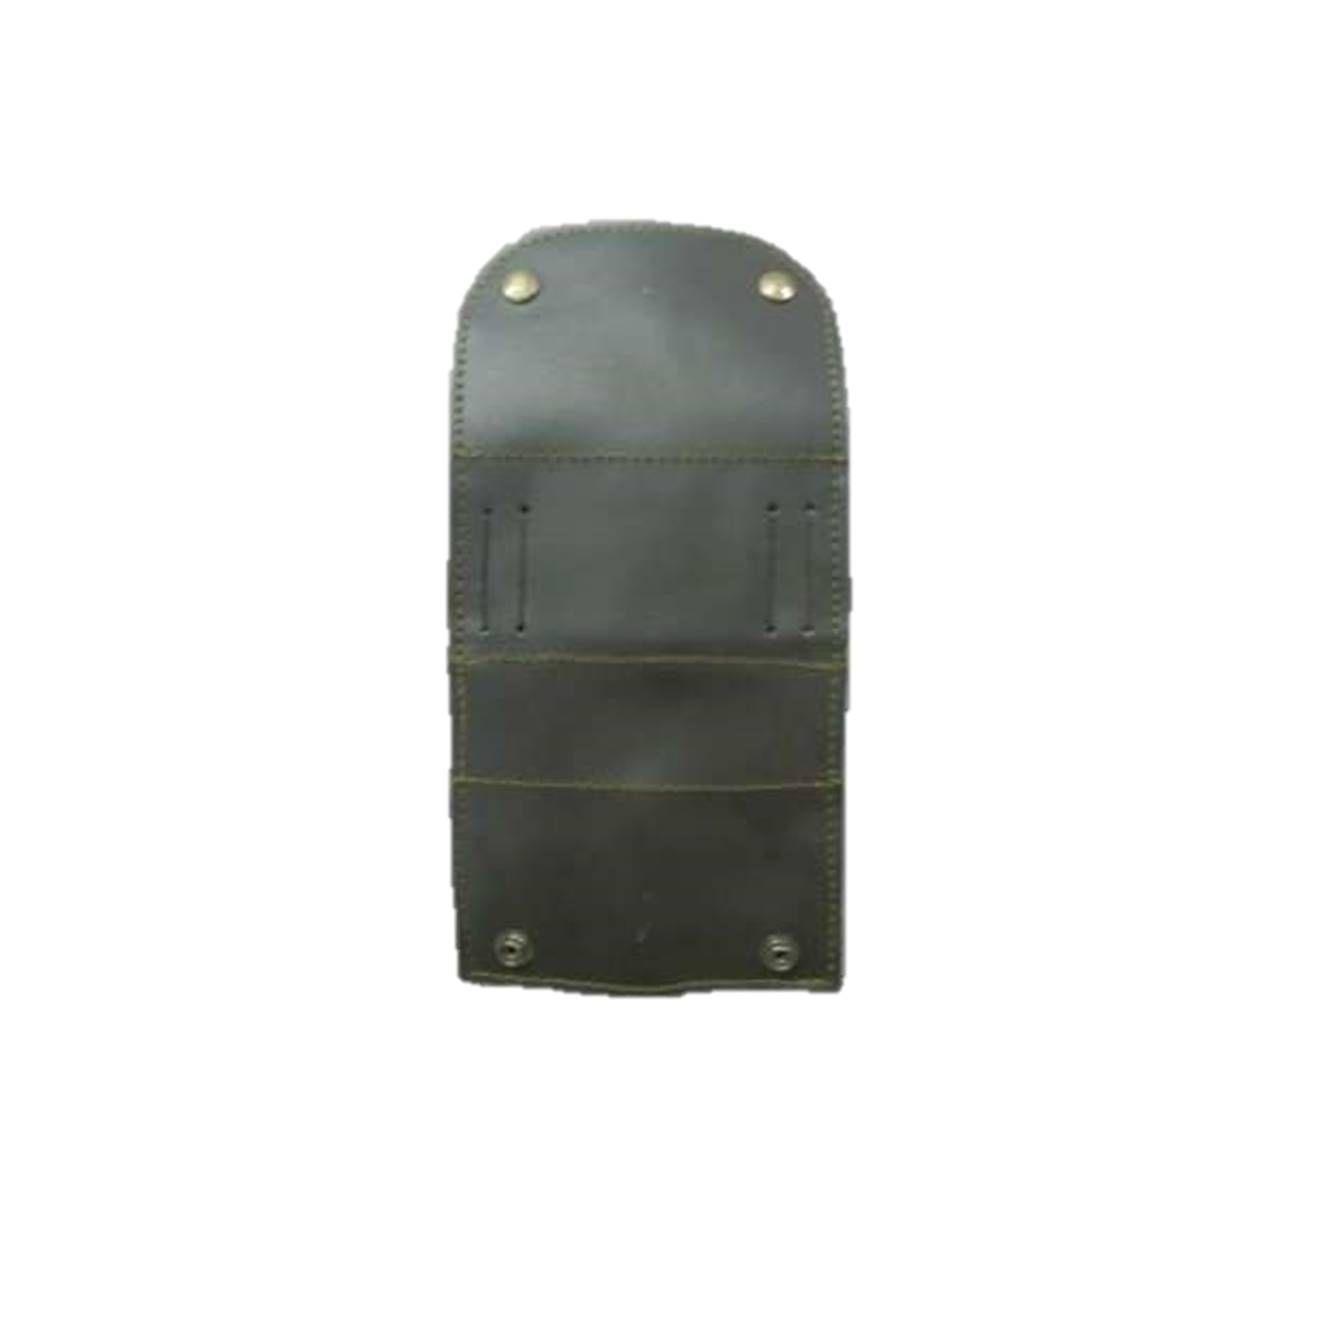 Cartuchera de piel para llevar polichokes 10 cartuchos: Tienda online de Artículos de Caza